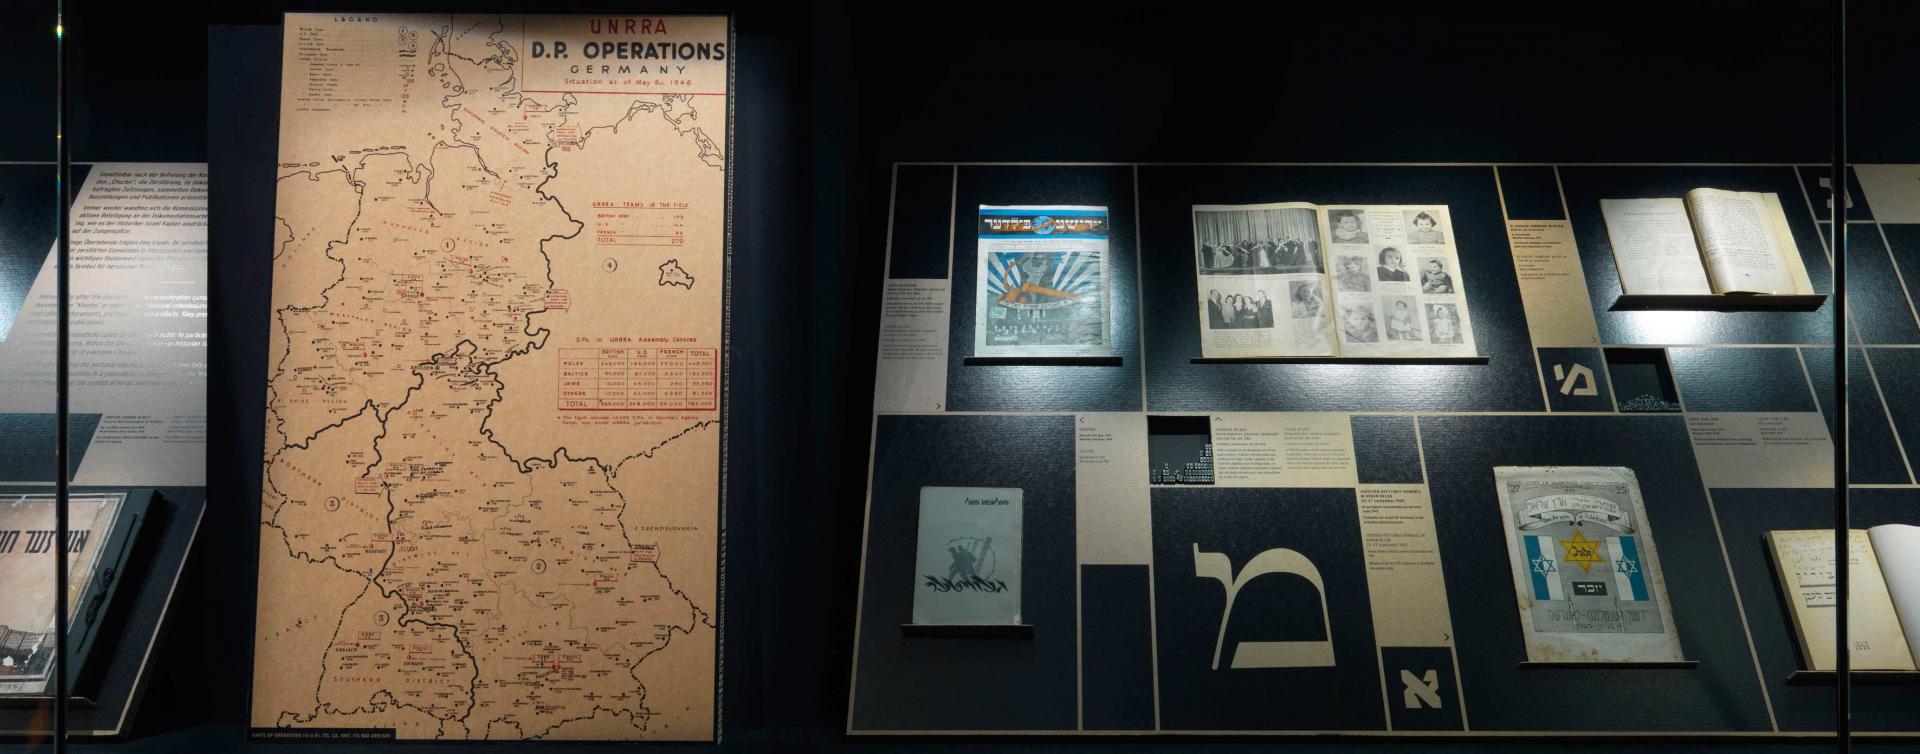 Eine Vitrine mit einer Deutschlandkarte, auf der DP-Lager verzeichnet sind, verschiedenen Publikationen und hebräischen Lettern in verschiedener Typografie